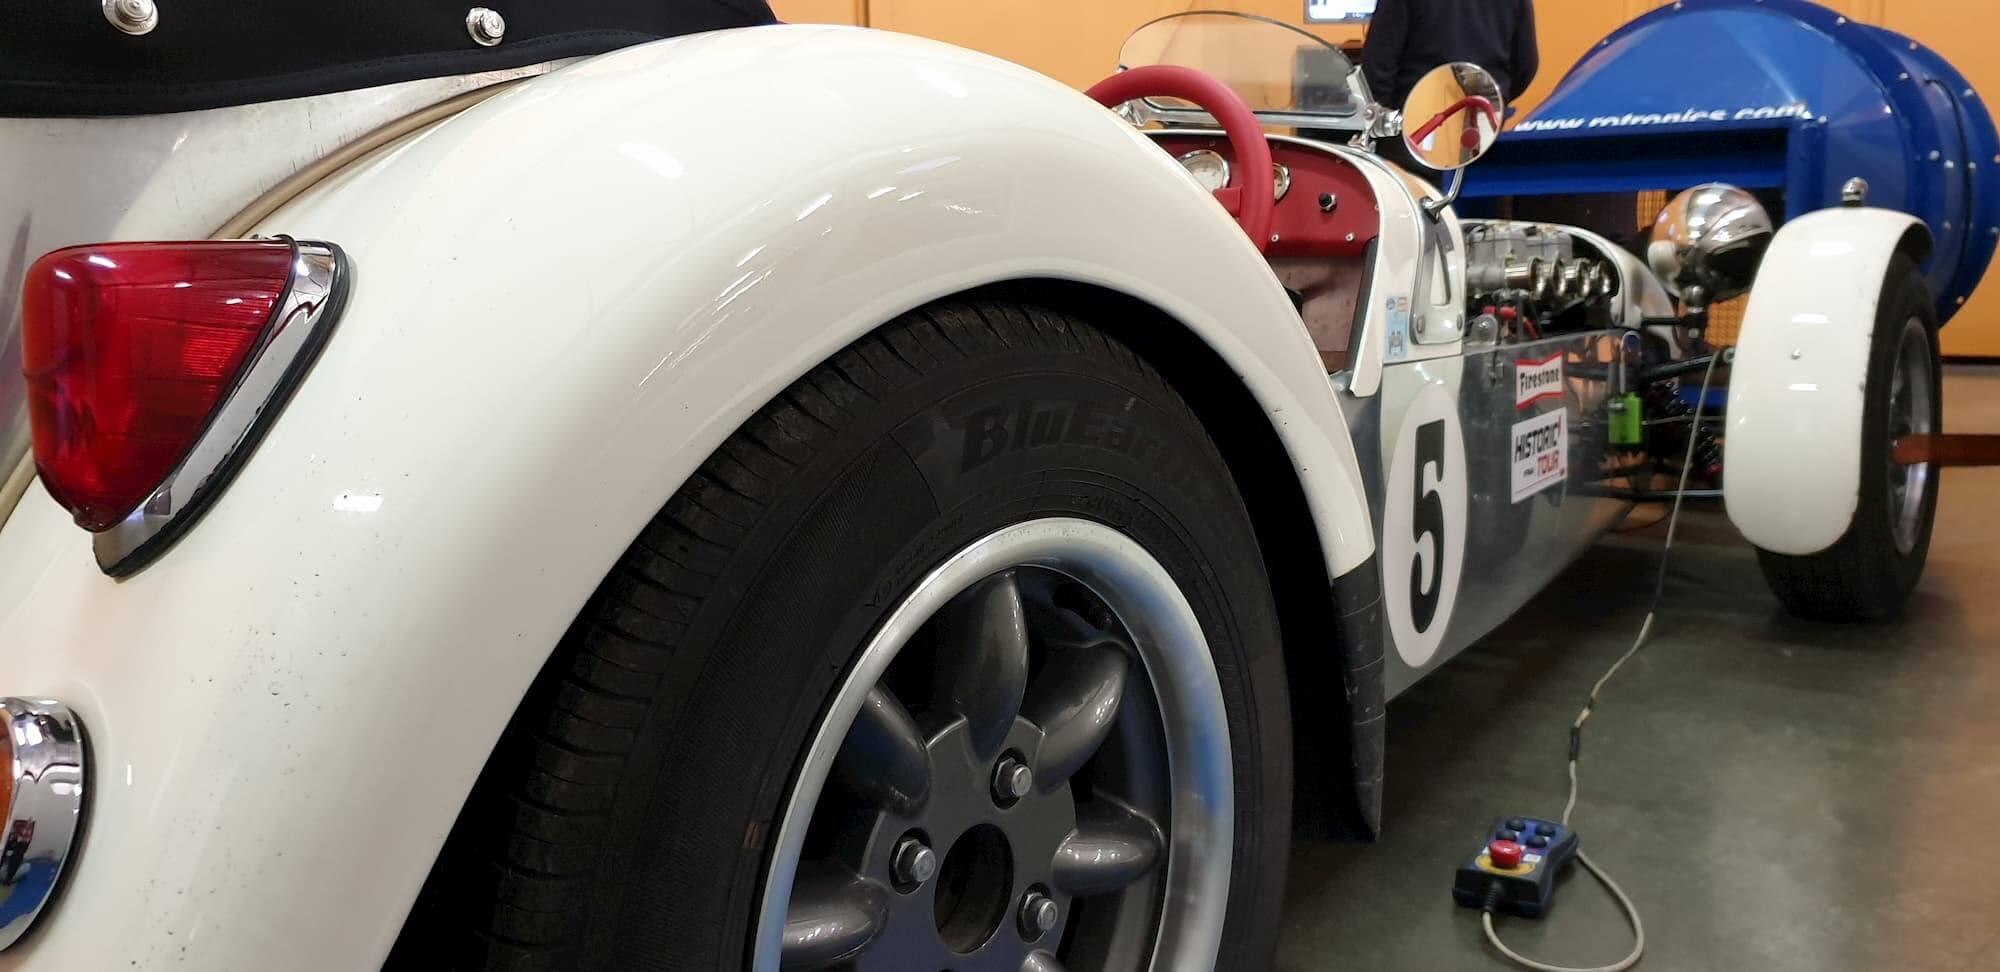 lotus seven - vintage cars - racing engineering - car racing